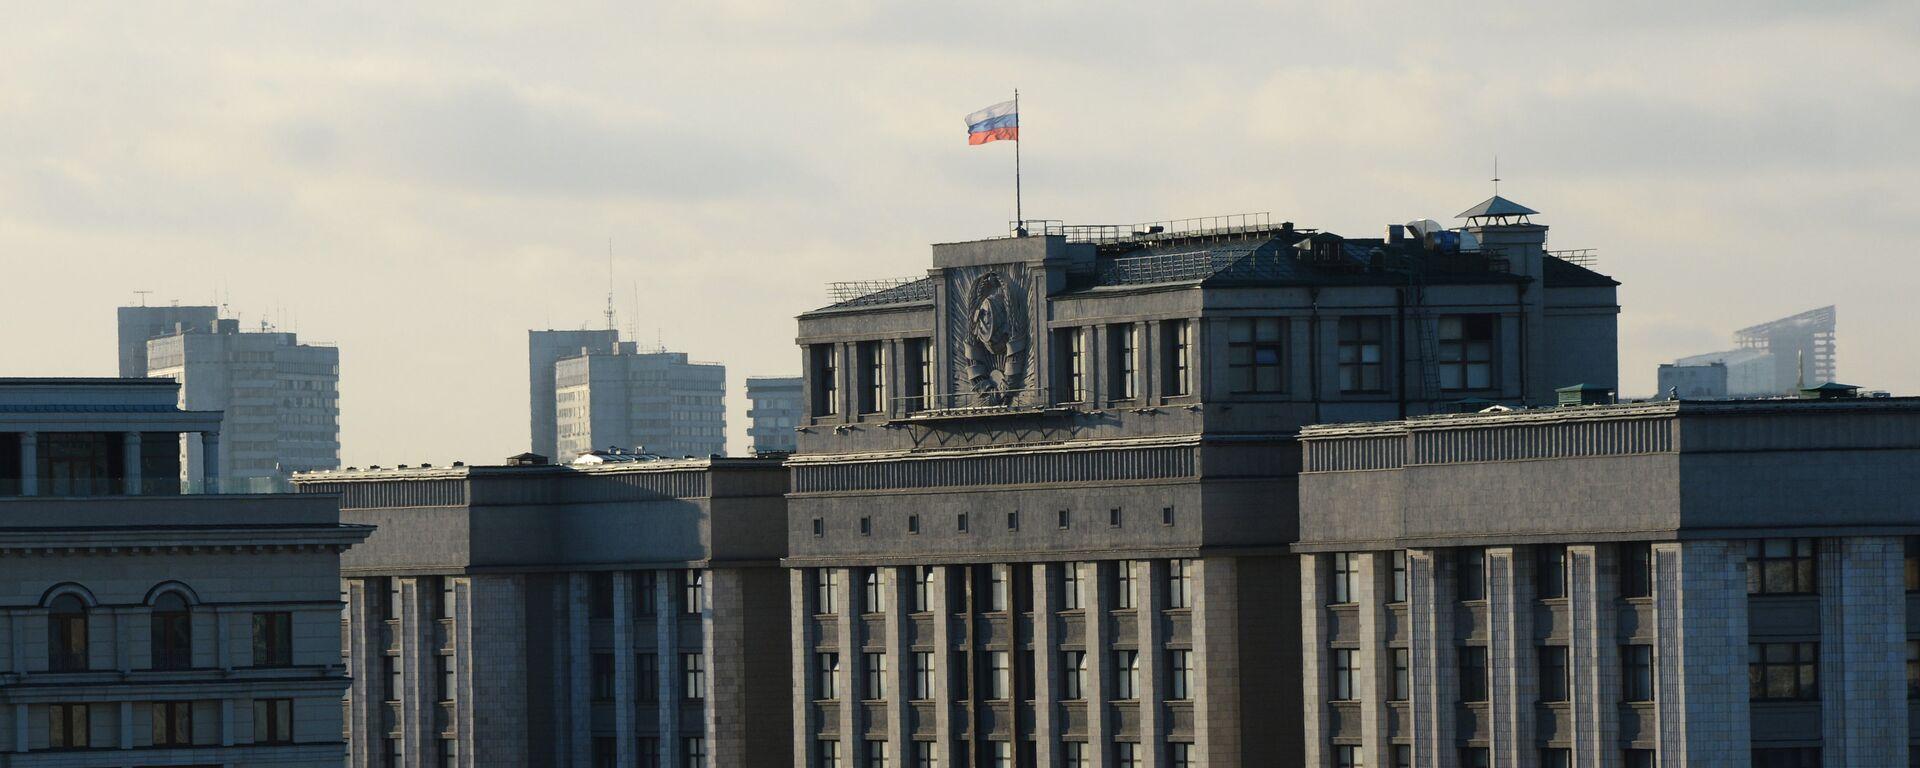 Госдума РФ - Sputnik Латвия, 1920, 15.09.2021